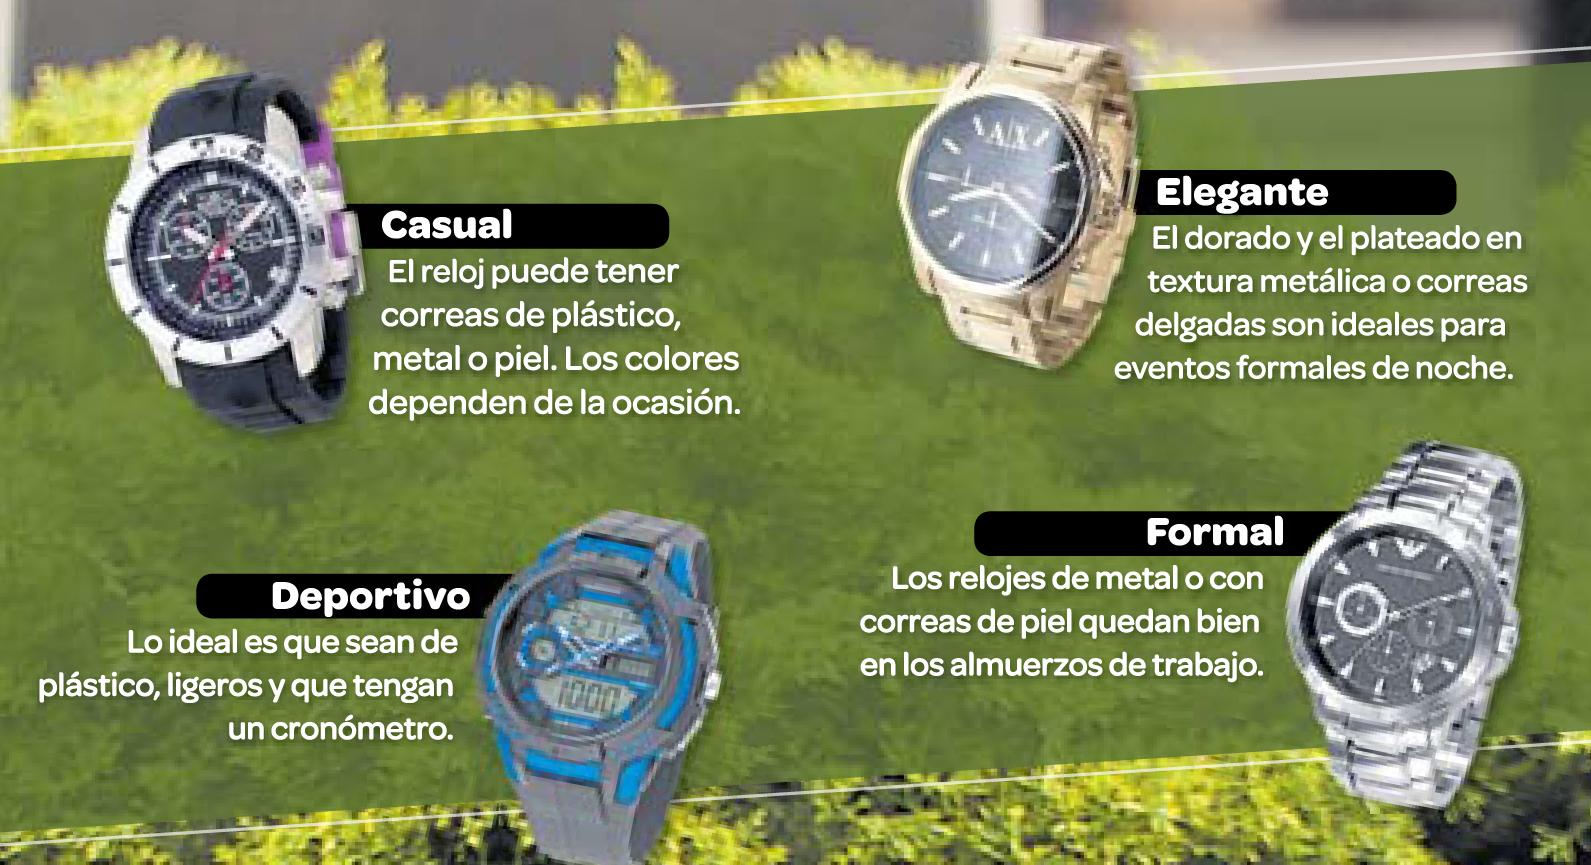 794e9c572a91 La moda a toda hora  ¿qué tipo de reloj usar en cada ocasión ...